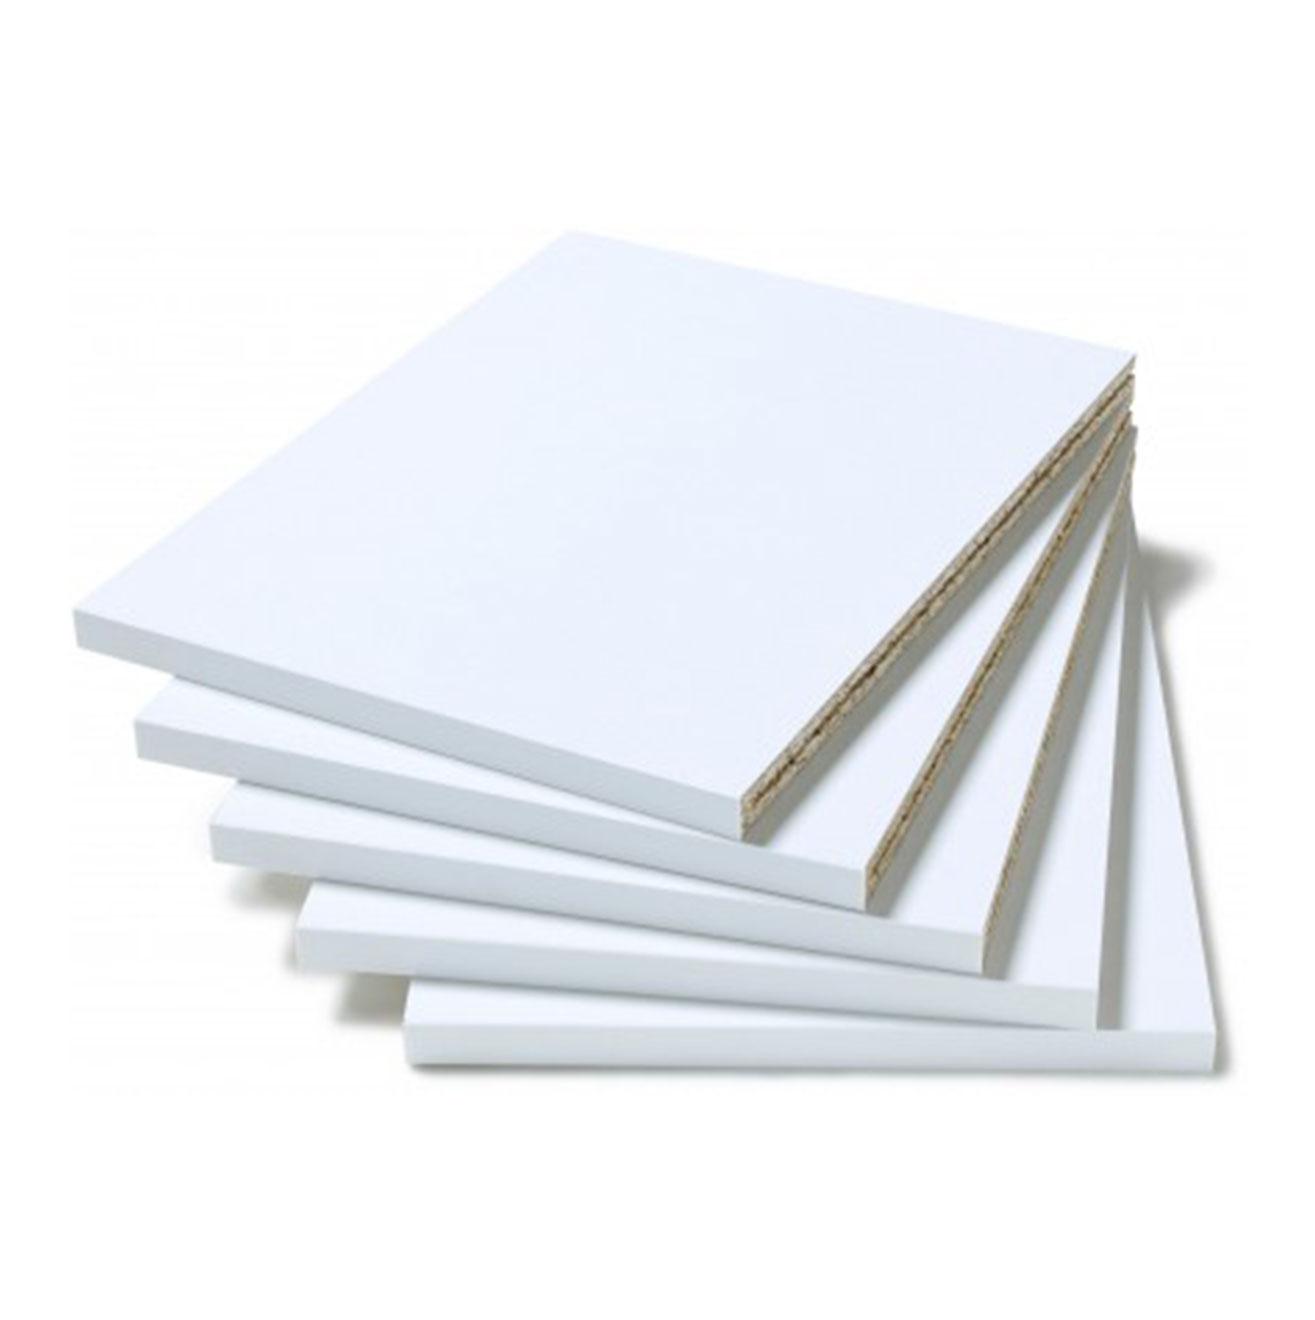 Extra shelving packs - White